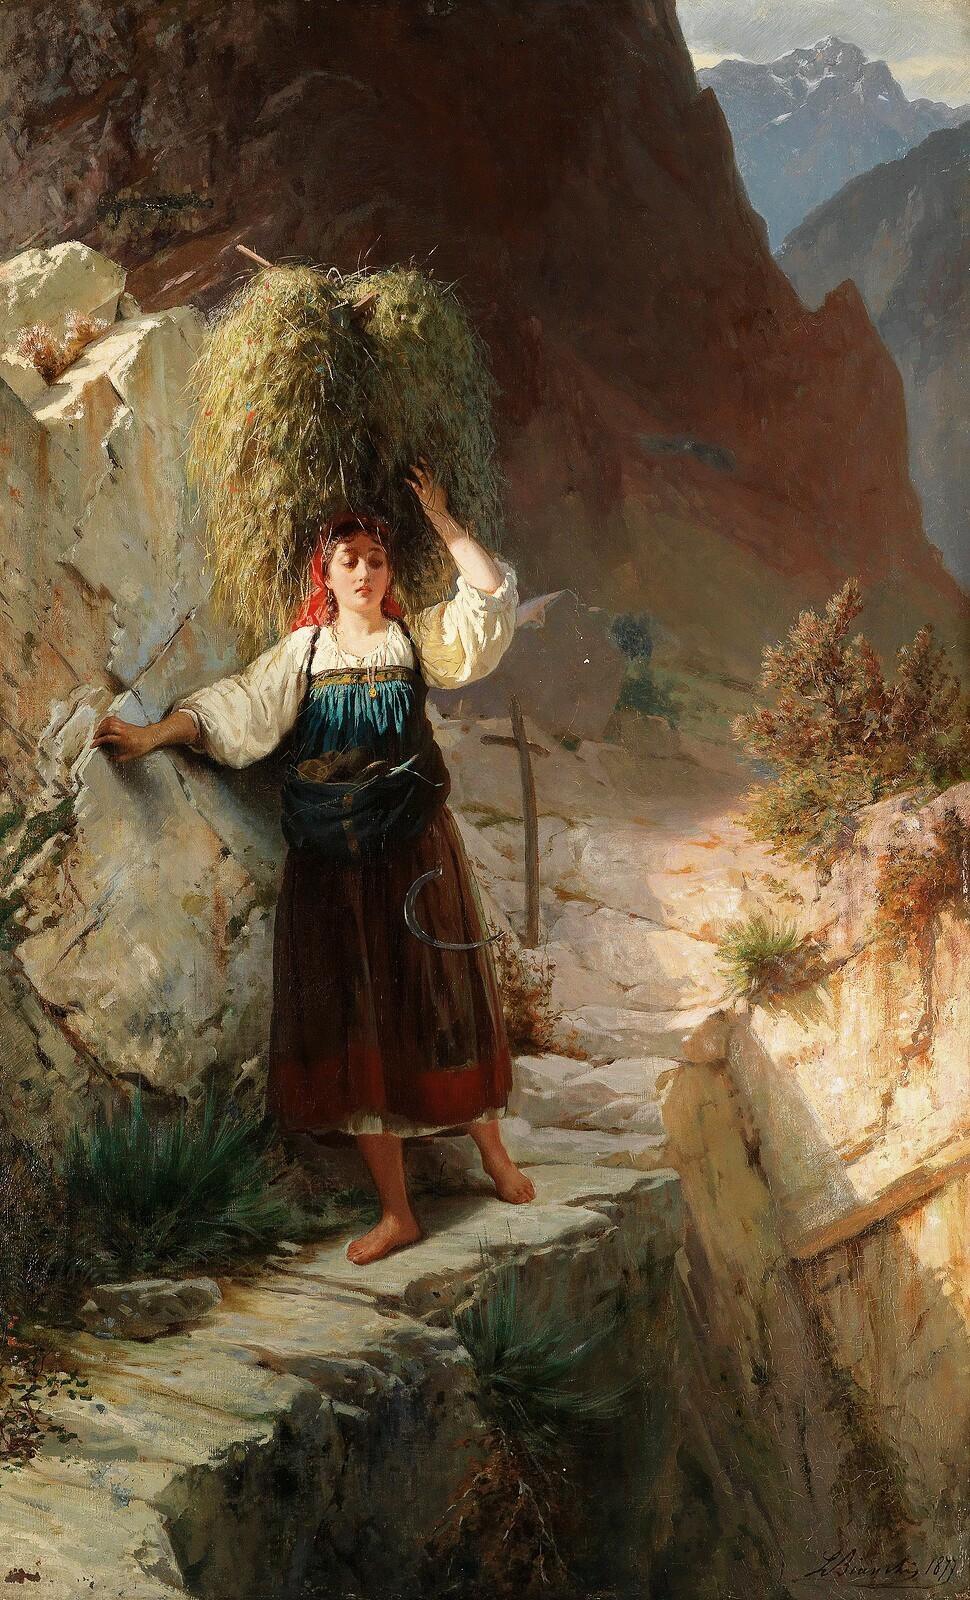 जीवन कही भी ठहरता नही है आँधी से , तूफ़ां से डरता नही है तू ना चलेगा , तो चल देंगी राहे मंज़िल को तरसेगी तेरी निगाहें तुझको चलना होगा , तुझको चलना होगा ........ इंदीवर English : The Dangerous Path, 1899 Painting by Luigi Bianchi, Italian, 1828 - 1914